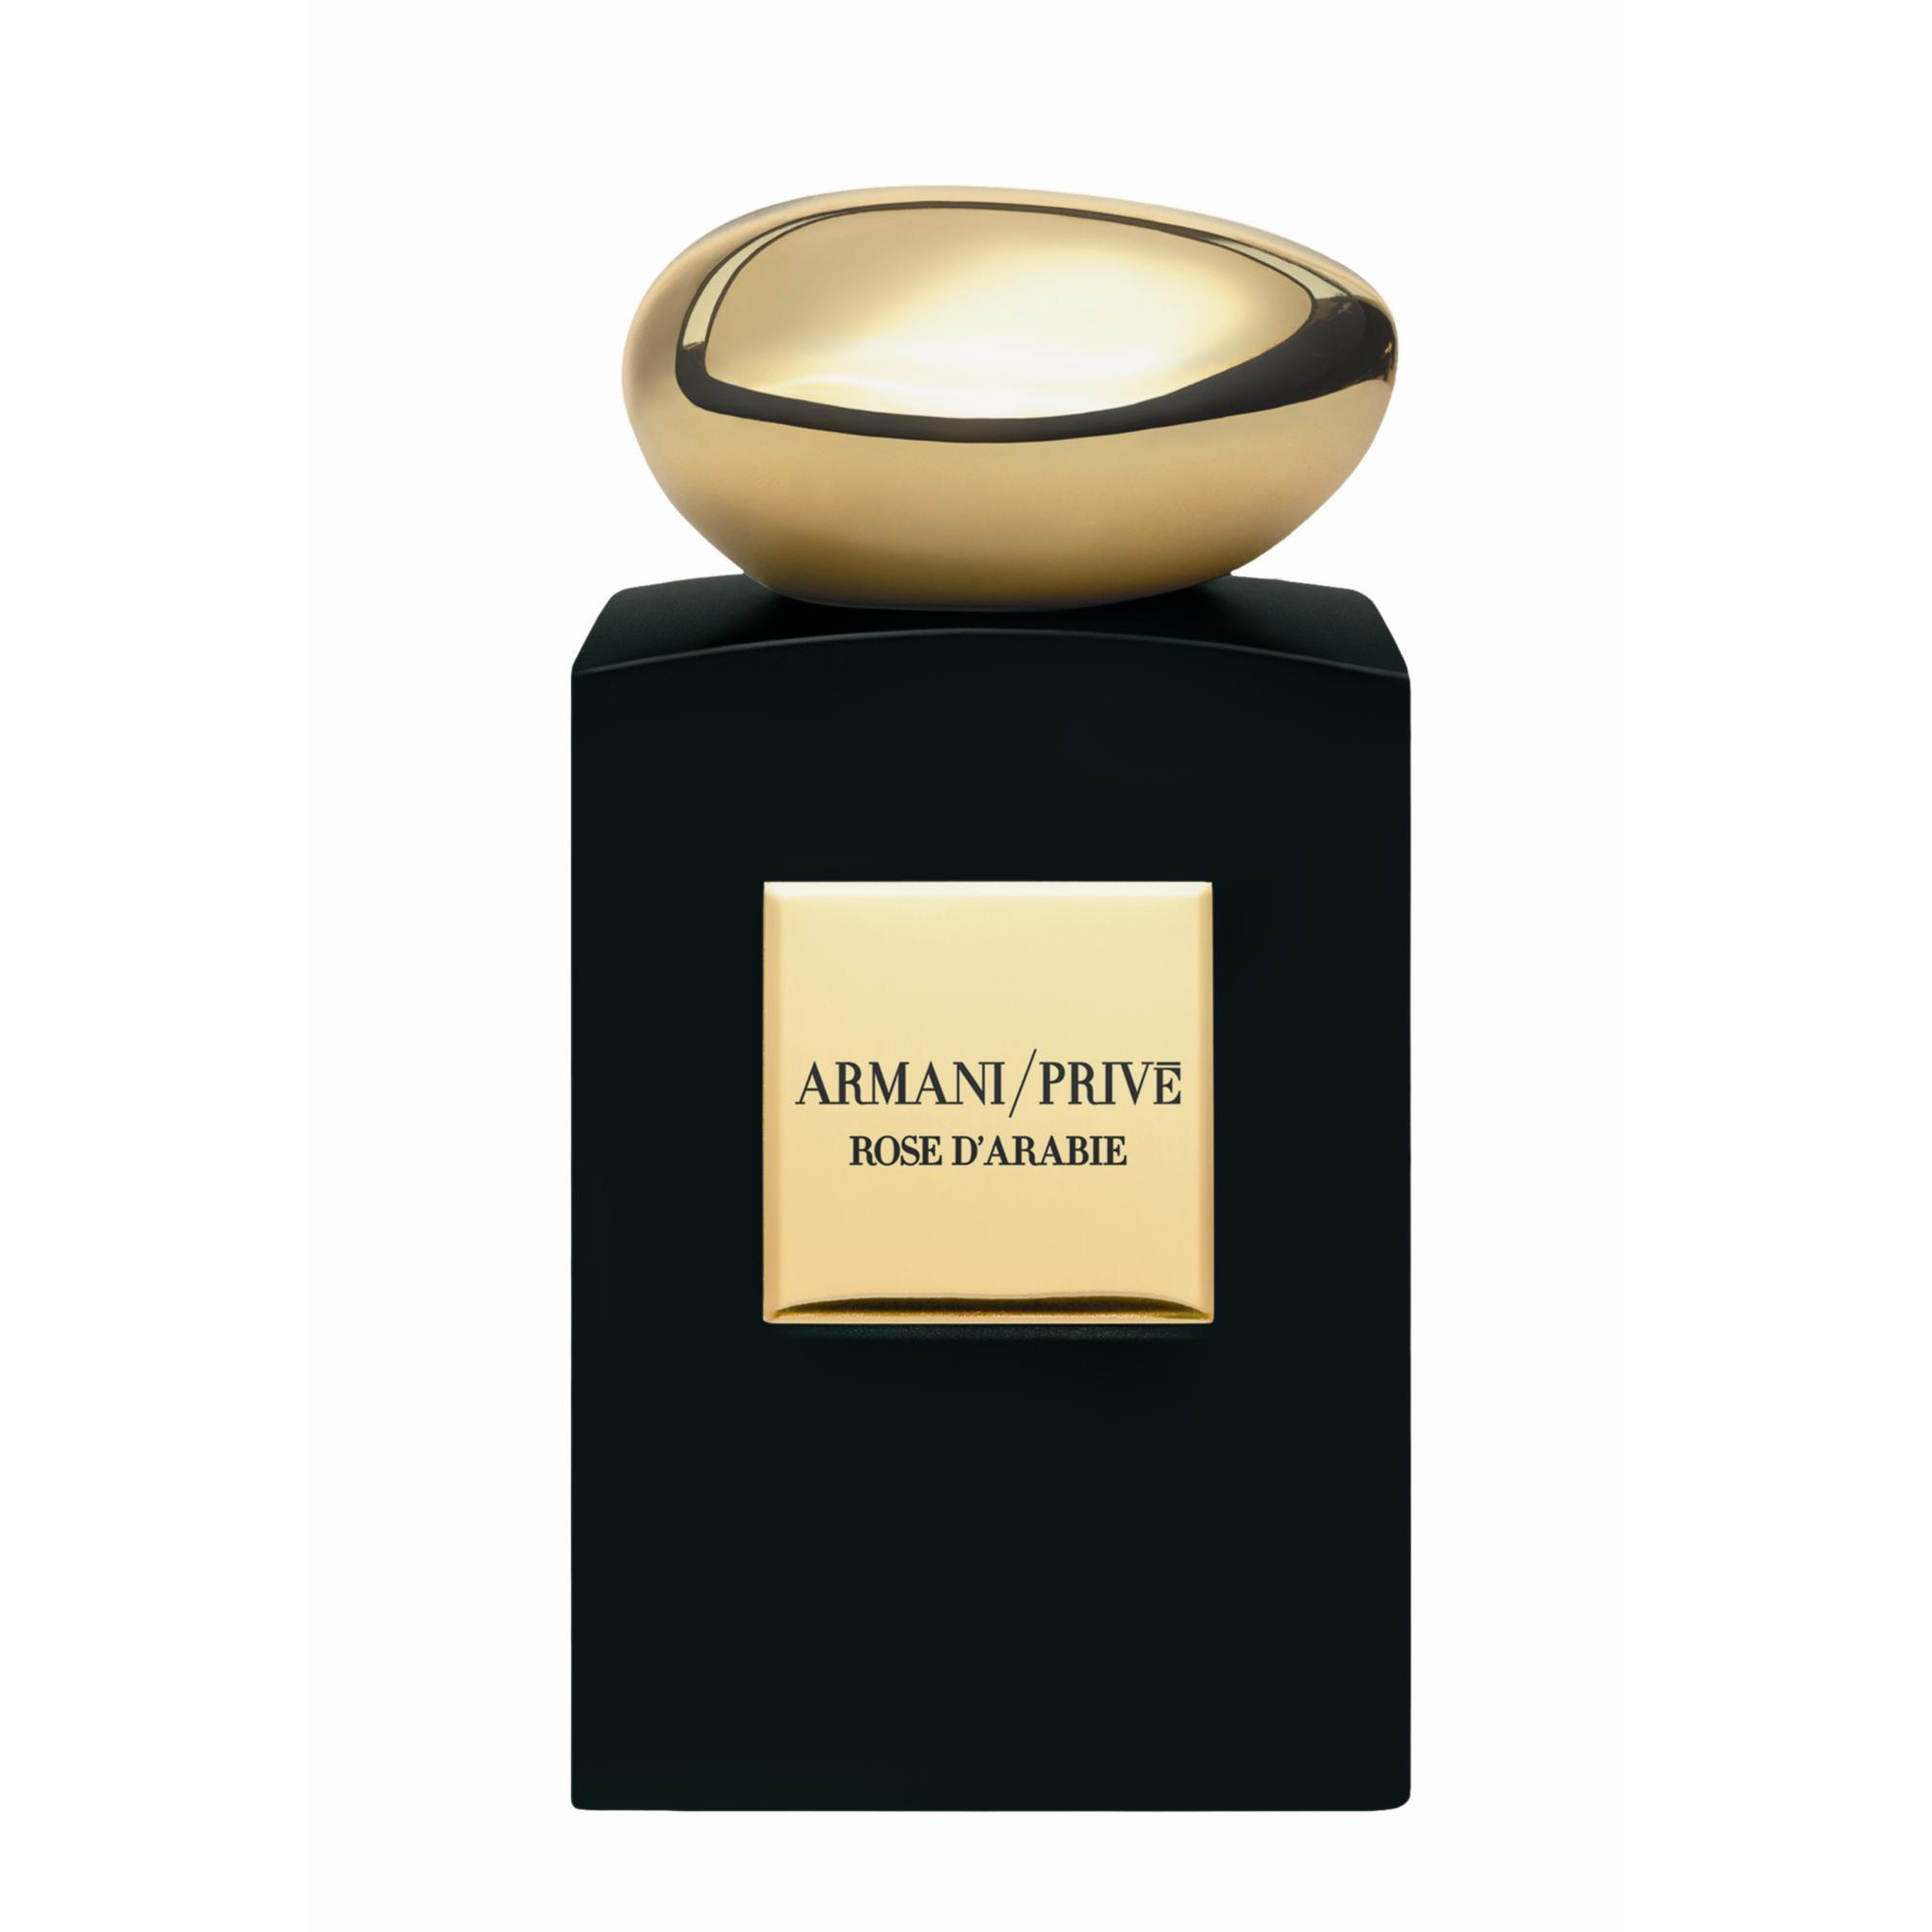 Armani Prive Rose Darabie Fragrance Samples In Sizes 1ml 30ml Uk